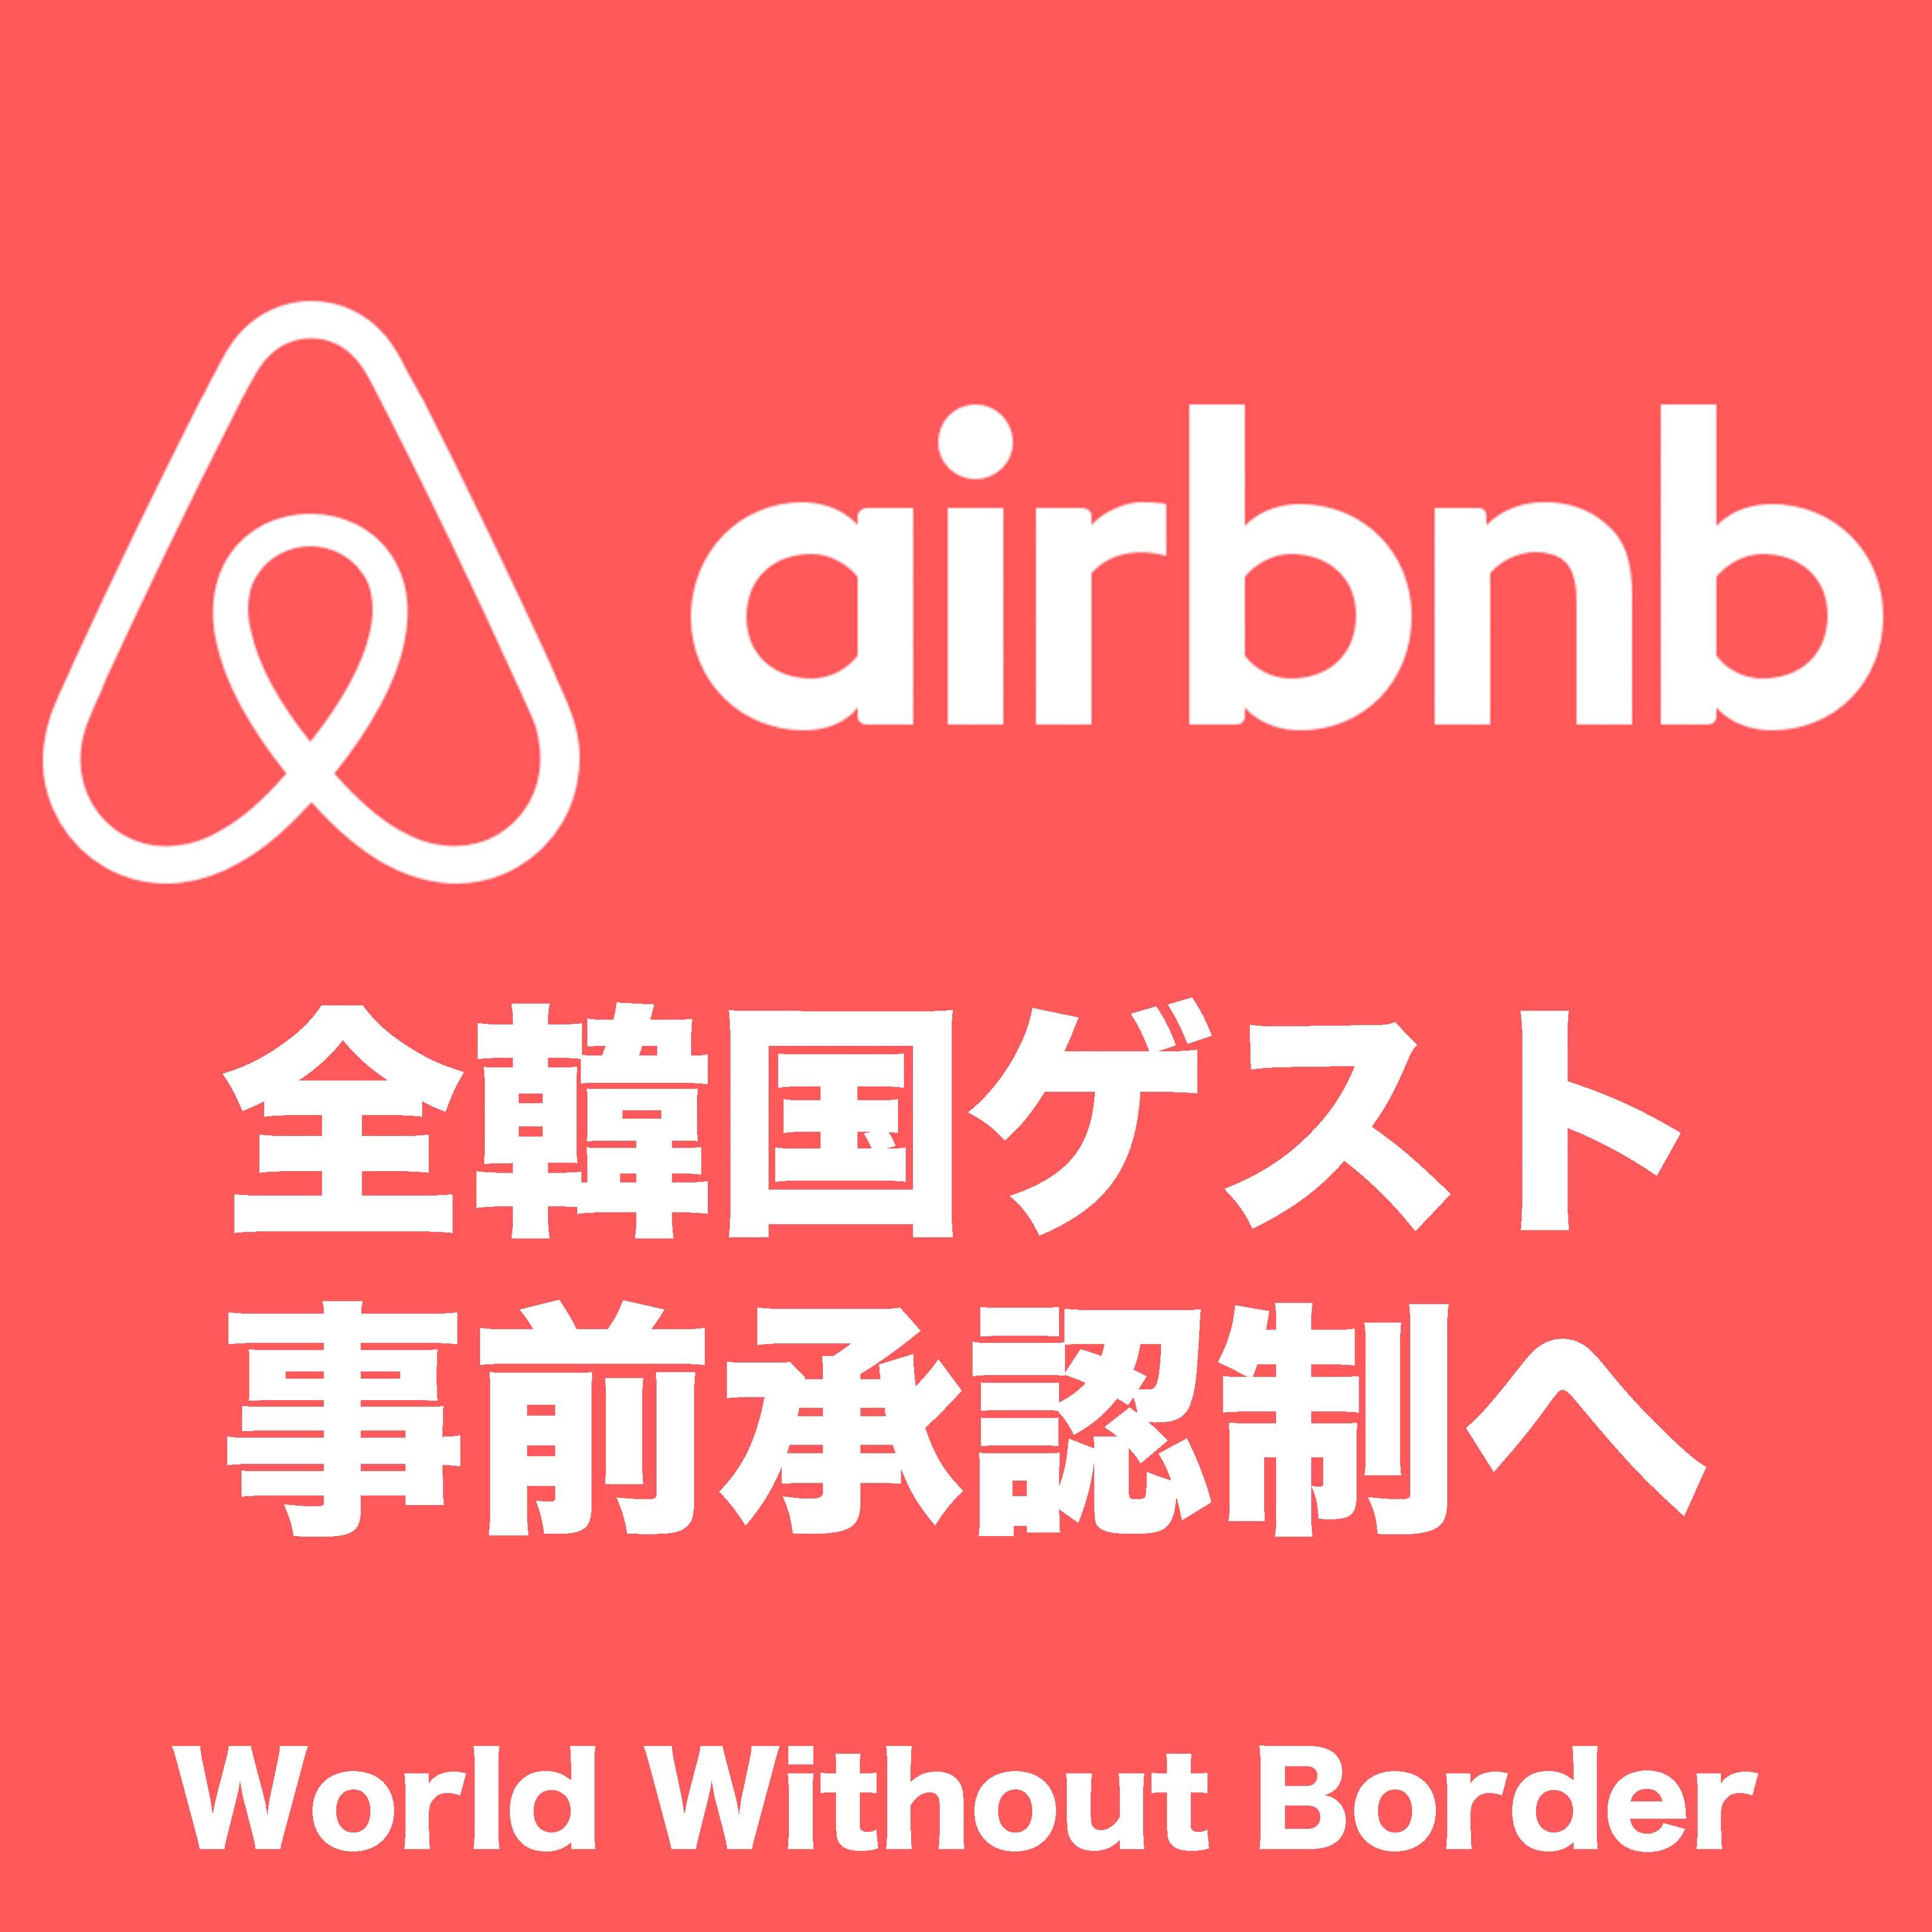 【民泊Airbnb】韓国人ゲスト事前承認制へ。キャンセルポリシー変更後、今すぐ予約は不適用